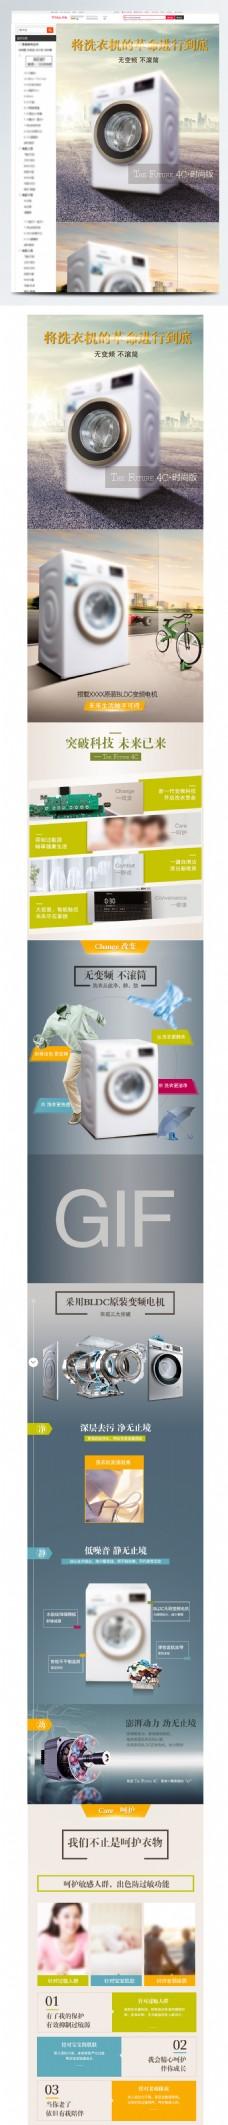 淘寶天貓洗衣機詳情頁模板